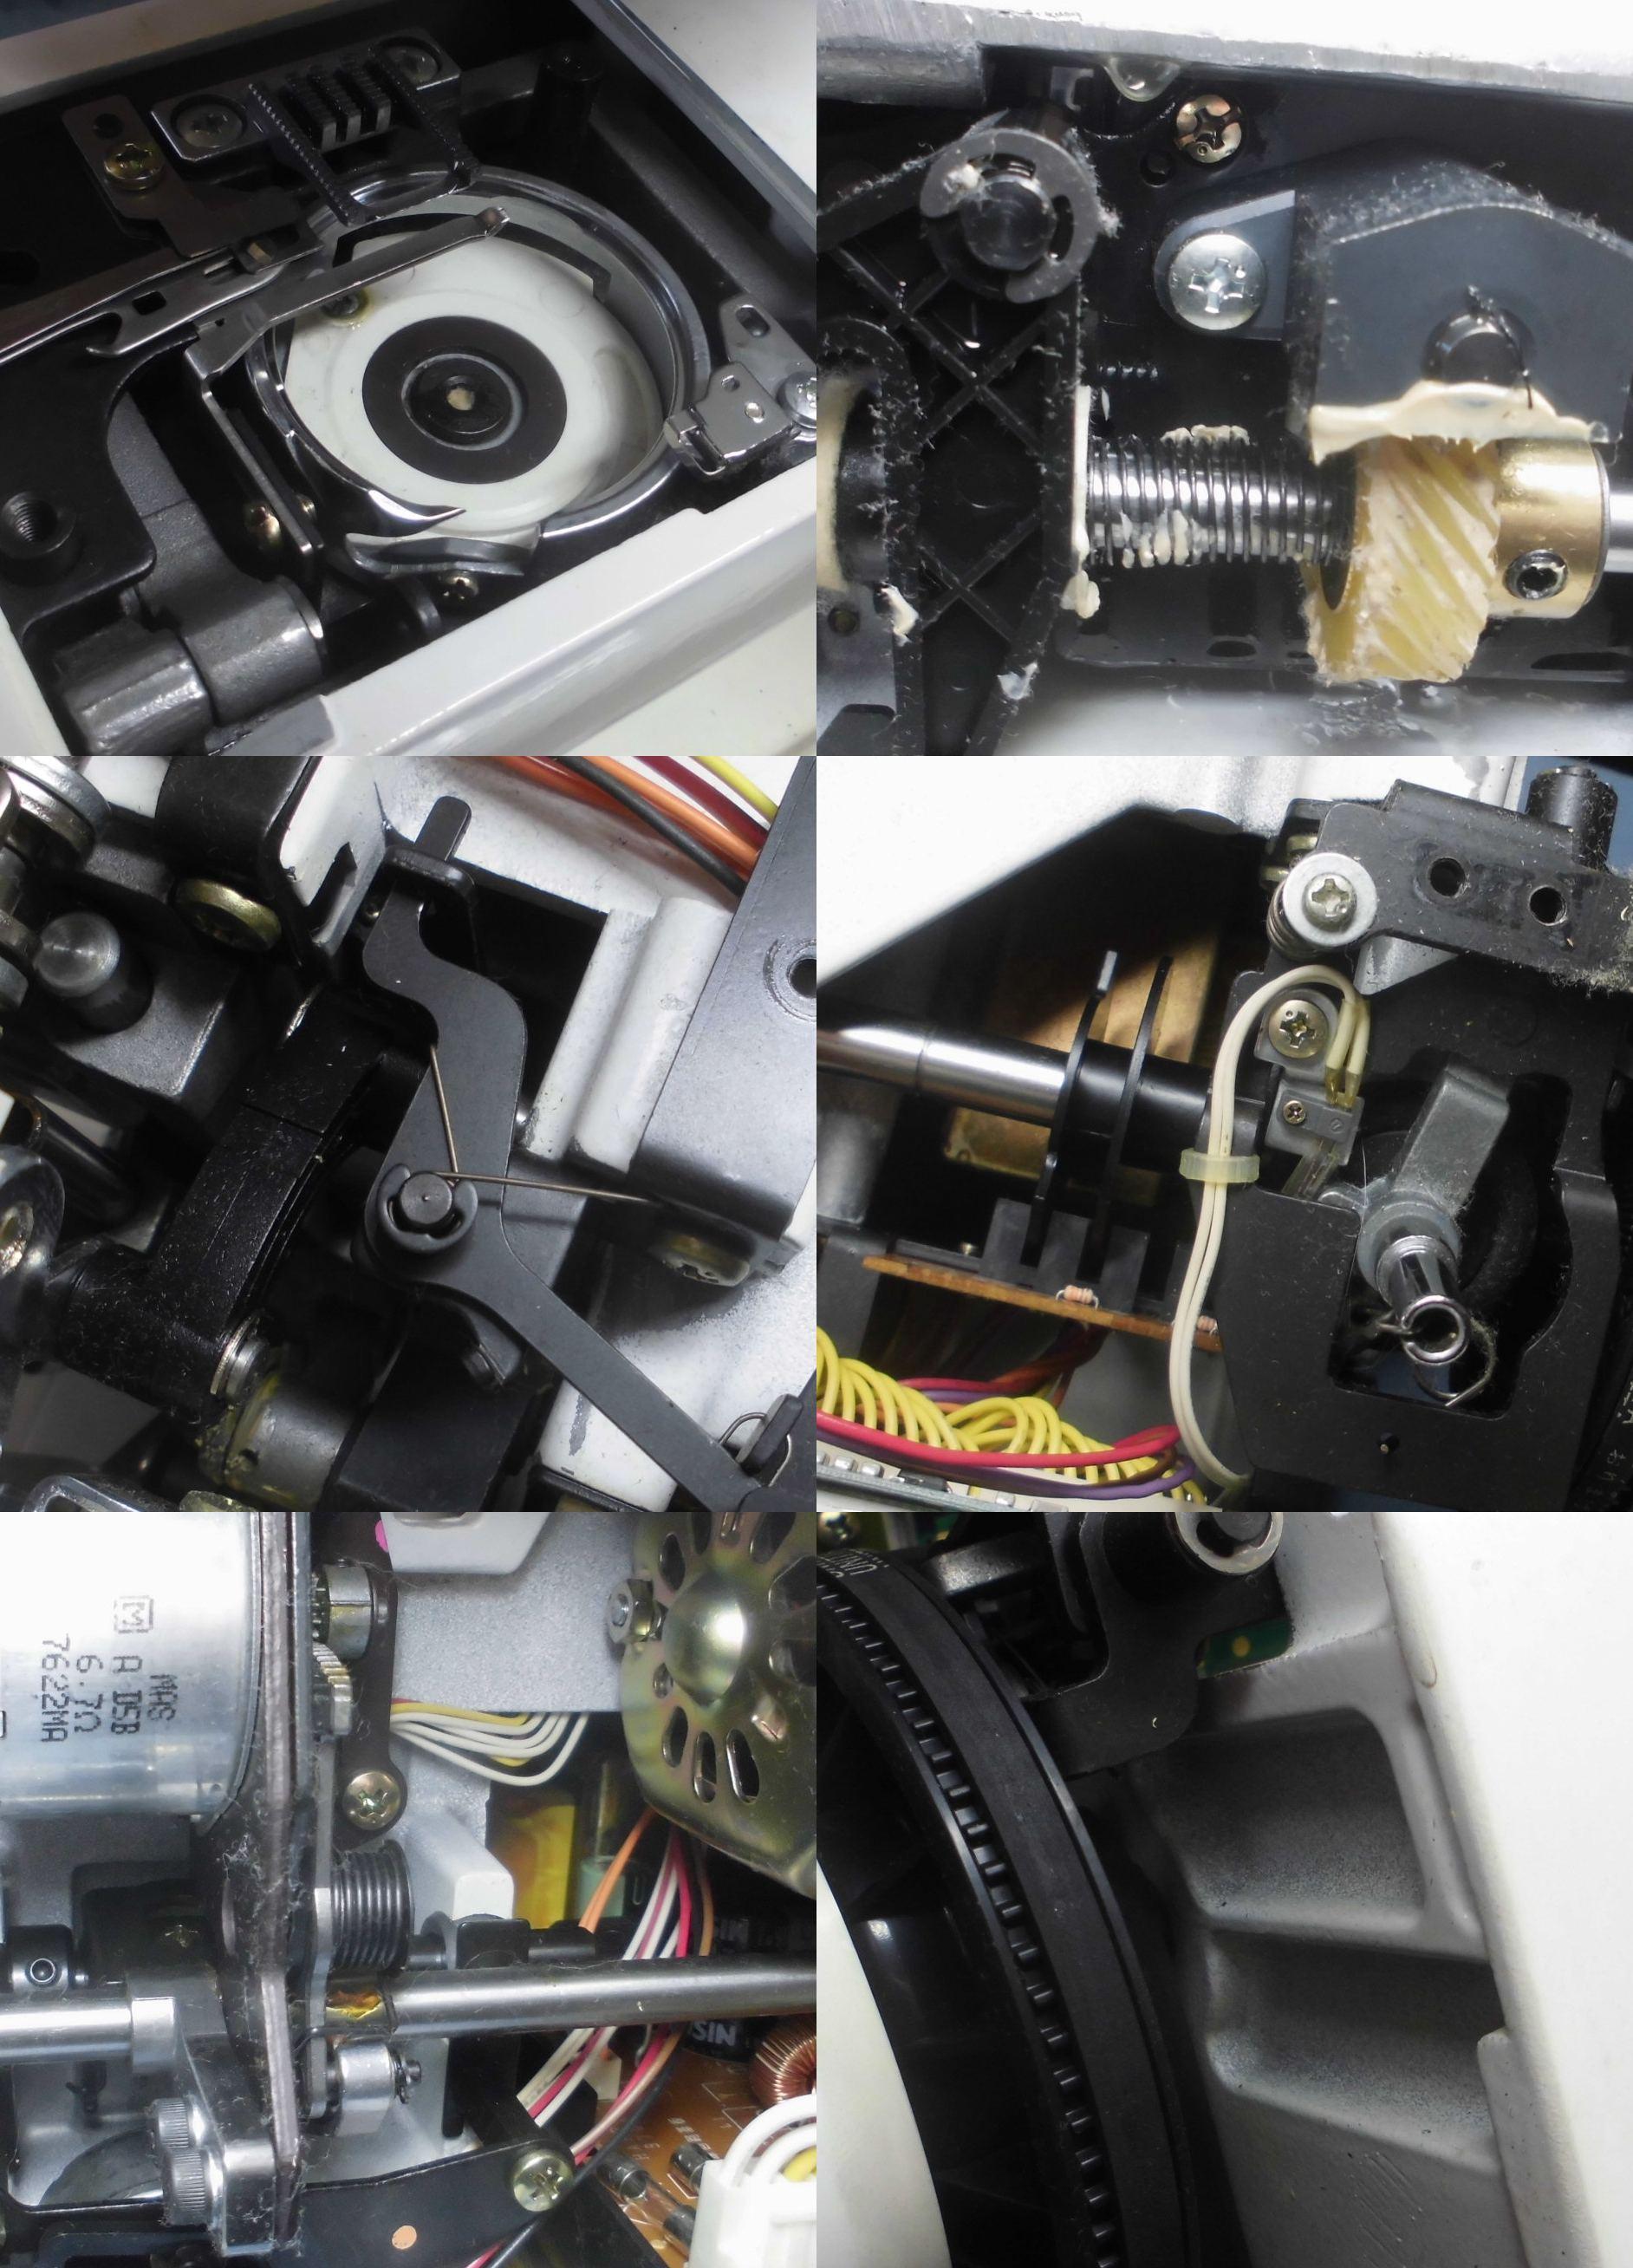 アプリコット9700の全体オーバーホールメンテナンス修理|シンガーミシン